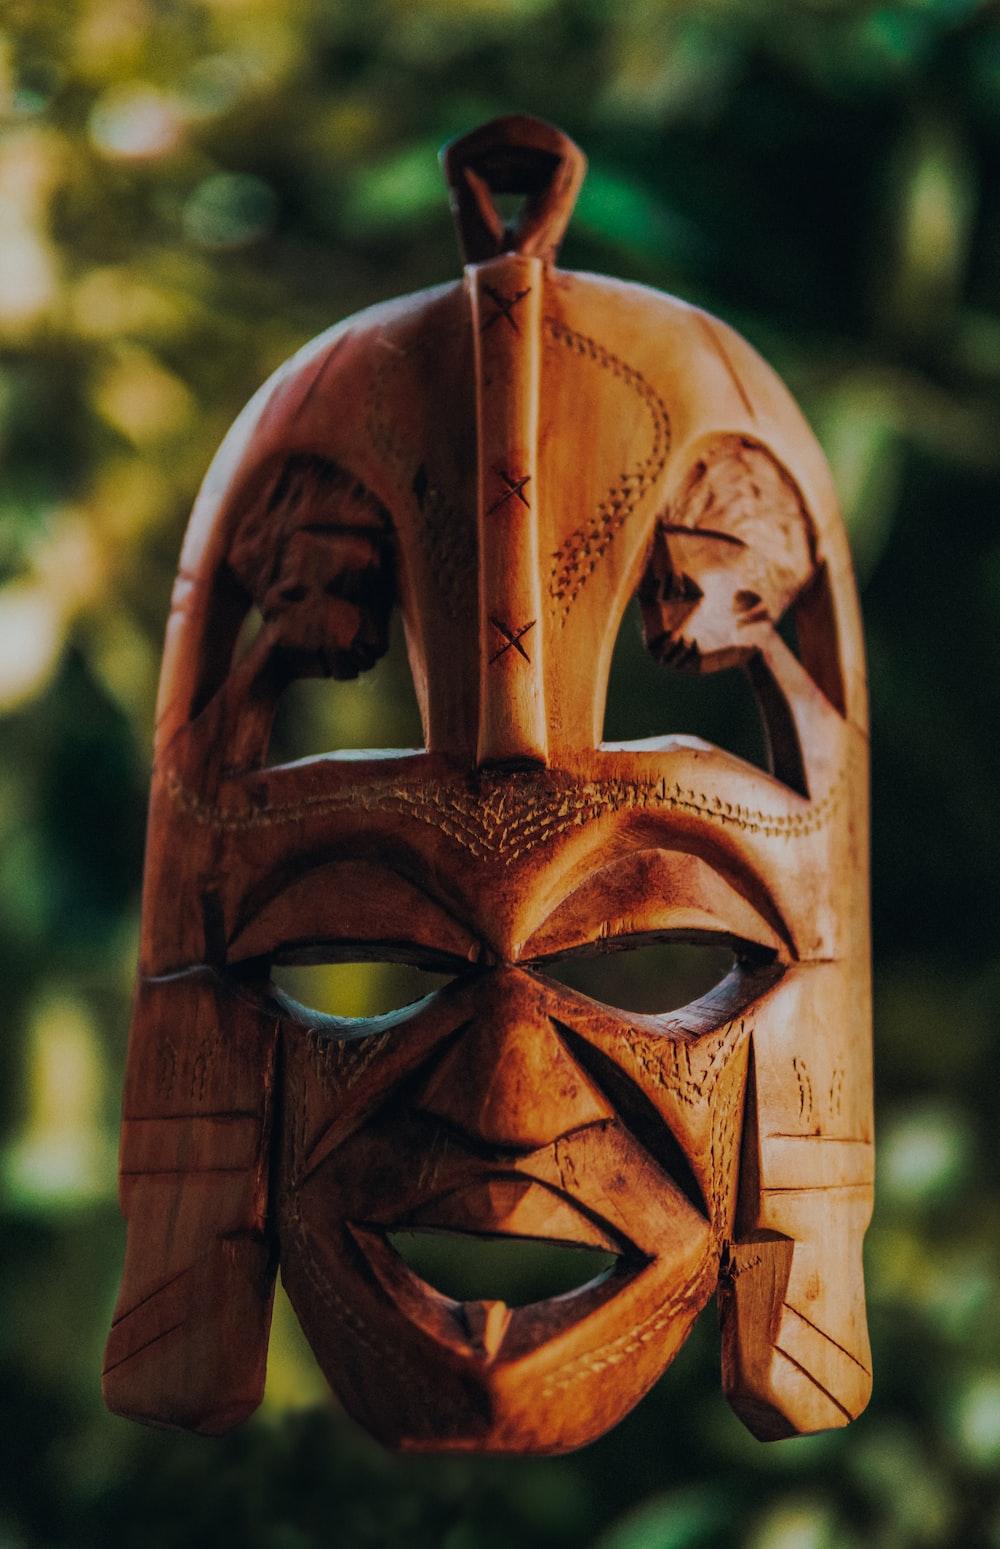 tilt shift lens photography of brown wooden mask